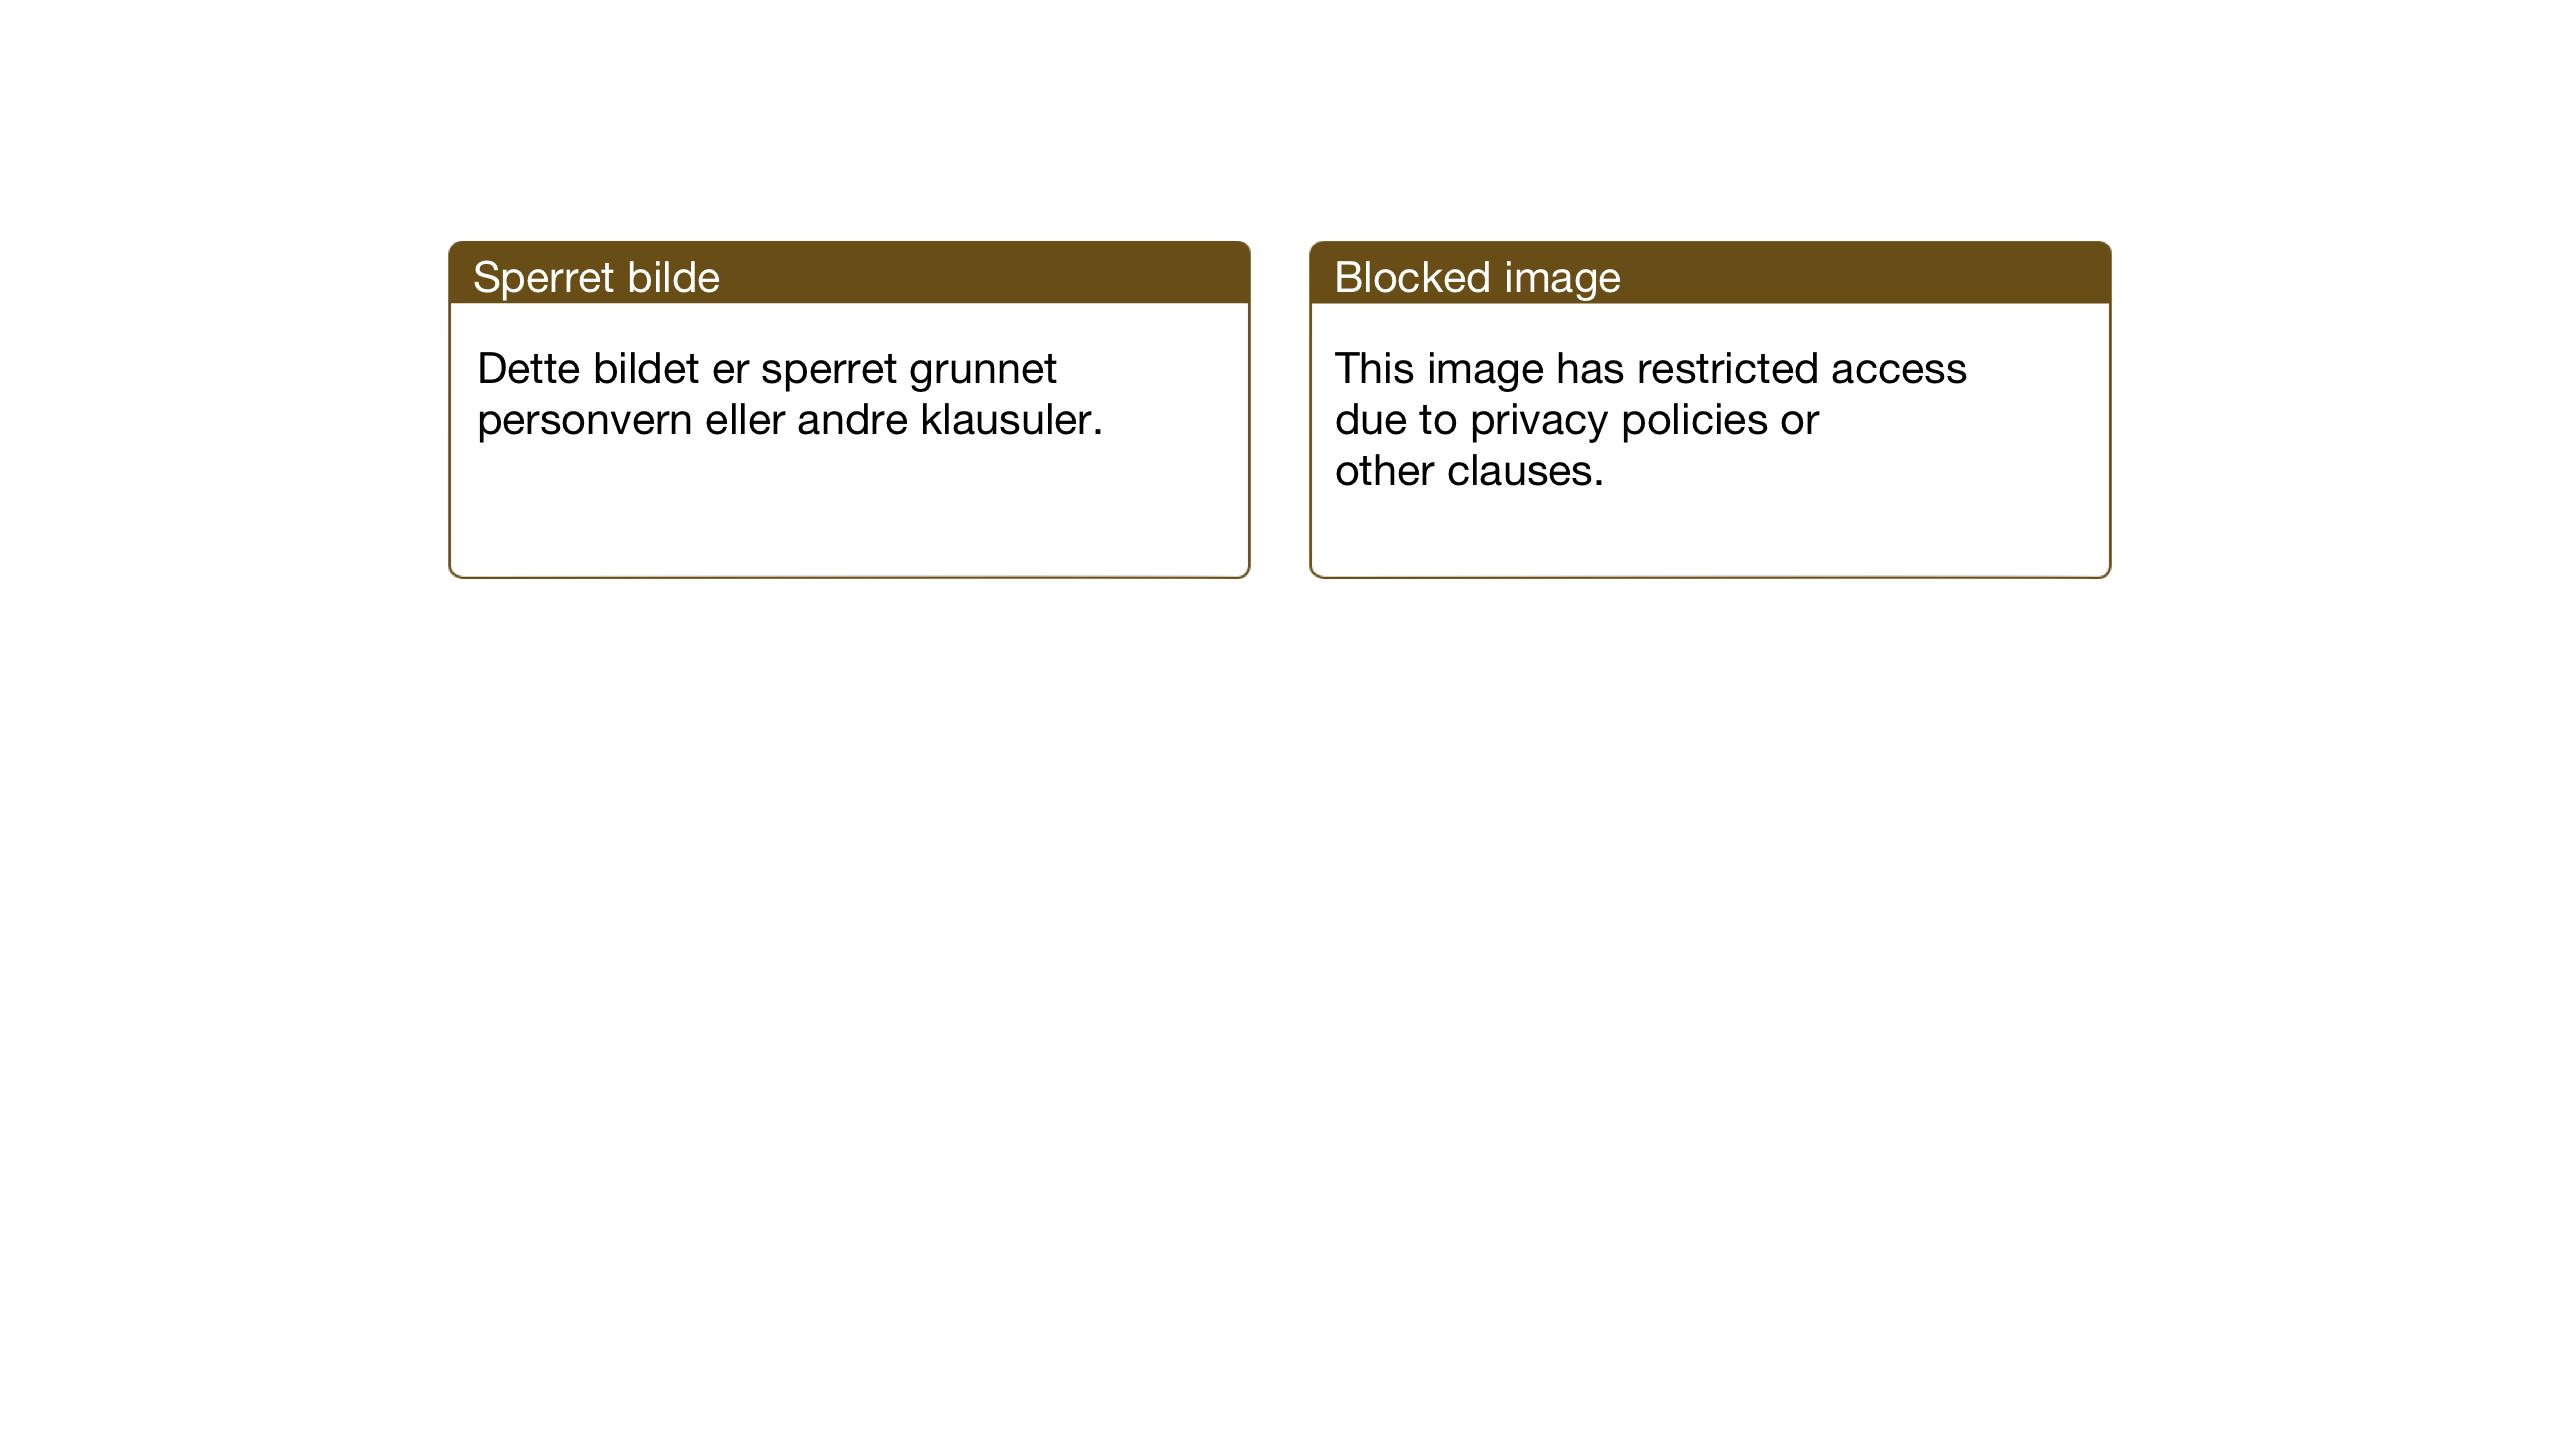 SAT, Ministerialprotokoller, klokkerbøker og fødselsregistre - Nord-Trøndelag, 721/L0209: Klokkerbok nr. 721C02, 1918-1940, s. 48